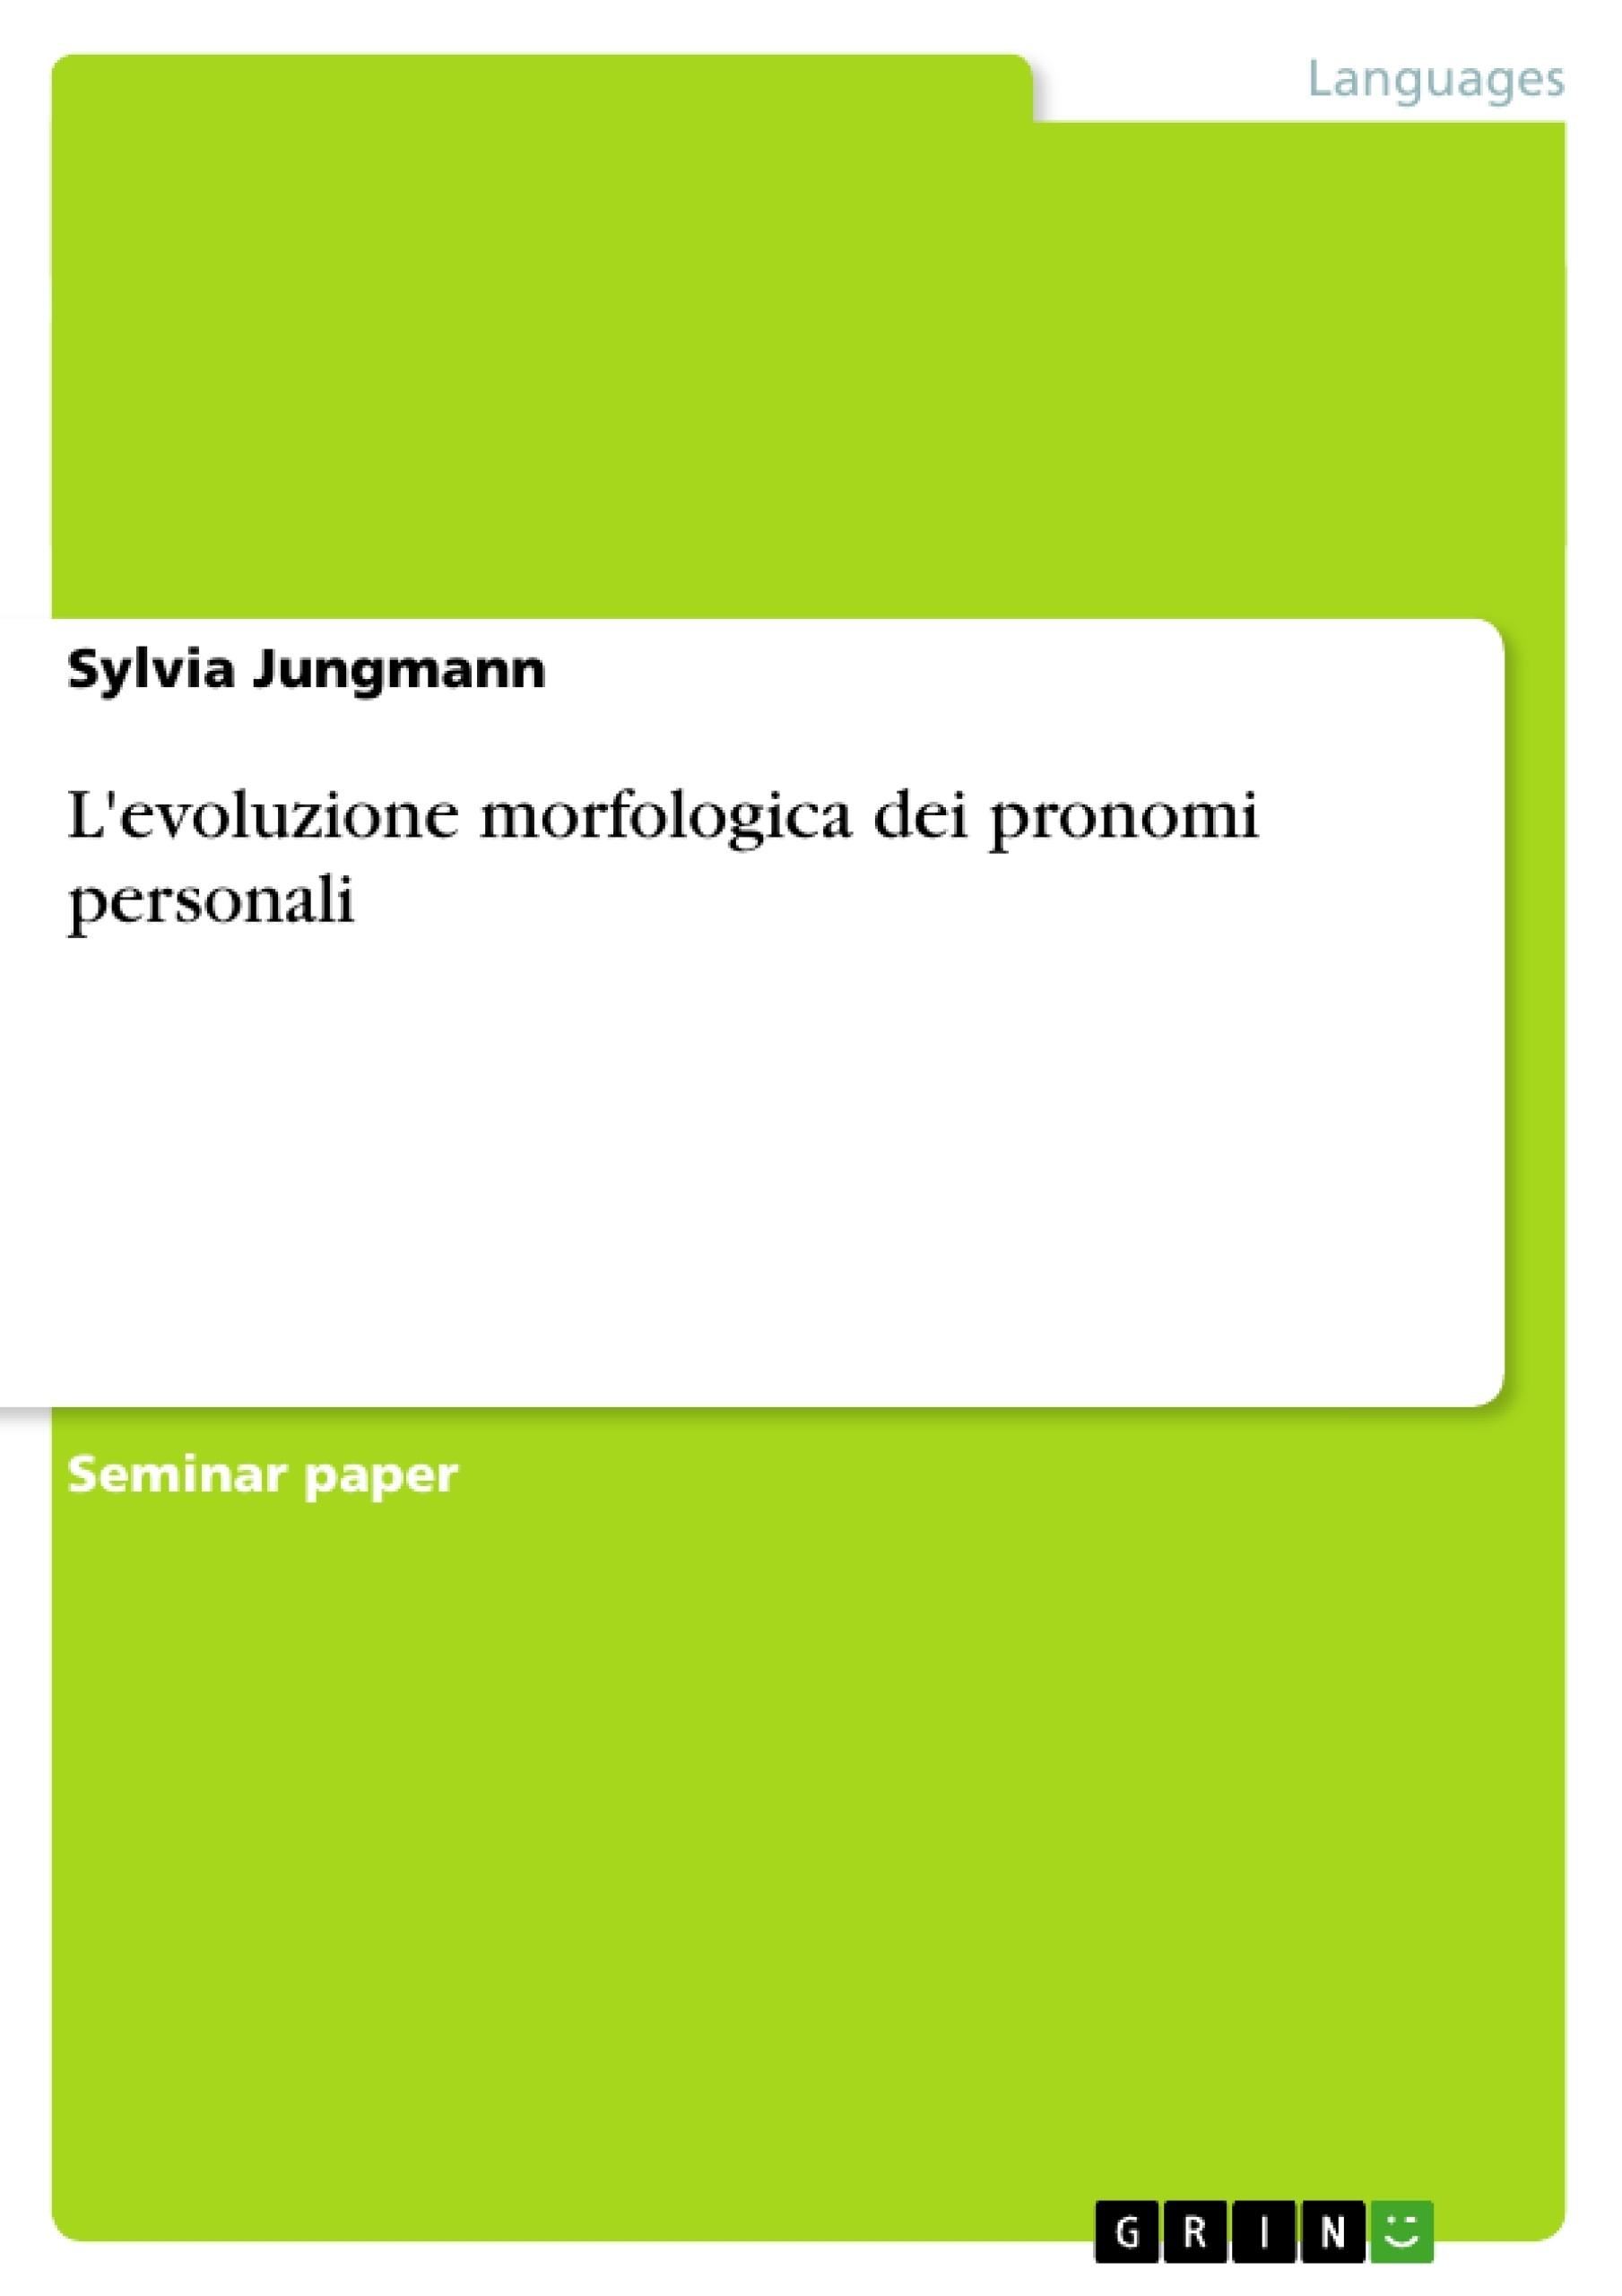 Title: L'evoluzione morfologica dei pronomi personali